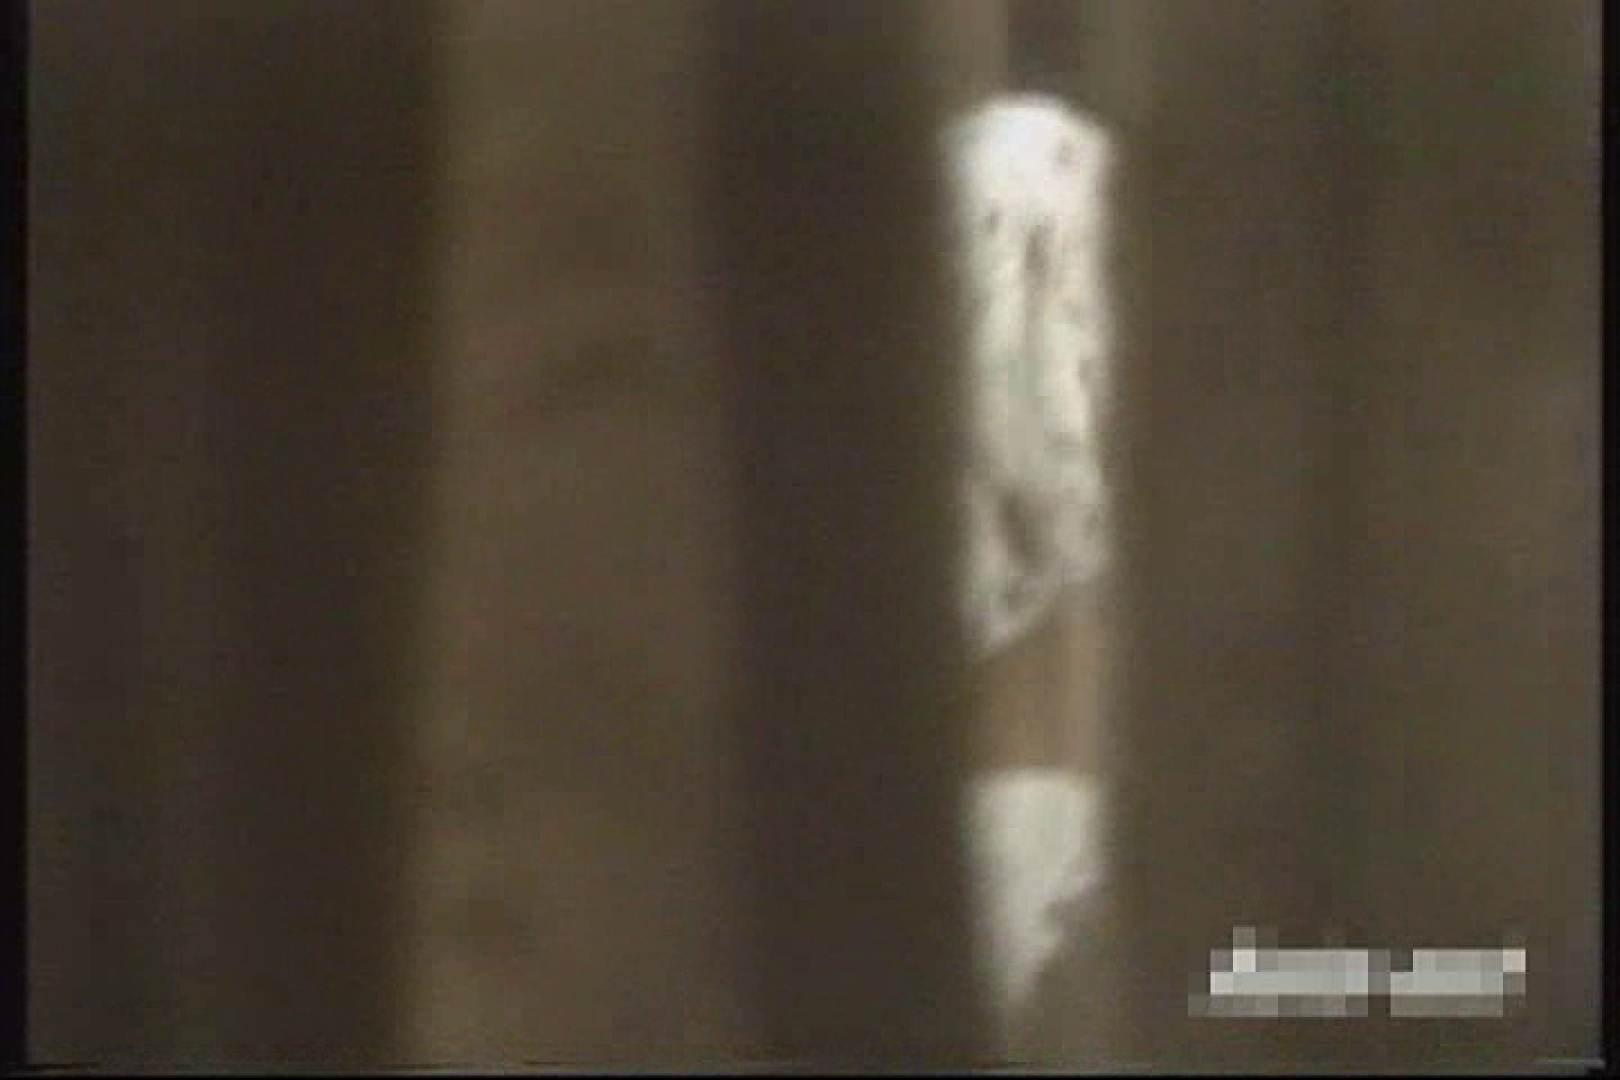 プライベートピーピング 欲求不満な女達Vol.6 女子寮覗き AV動画キャプチャ 48連発 4